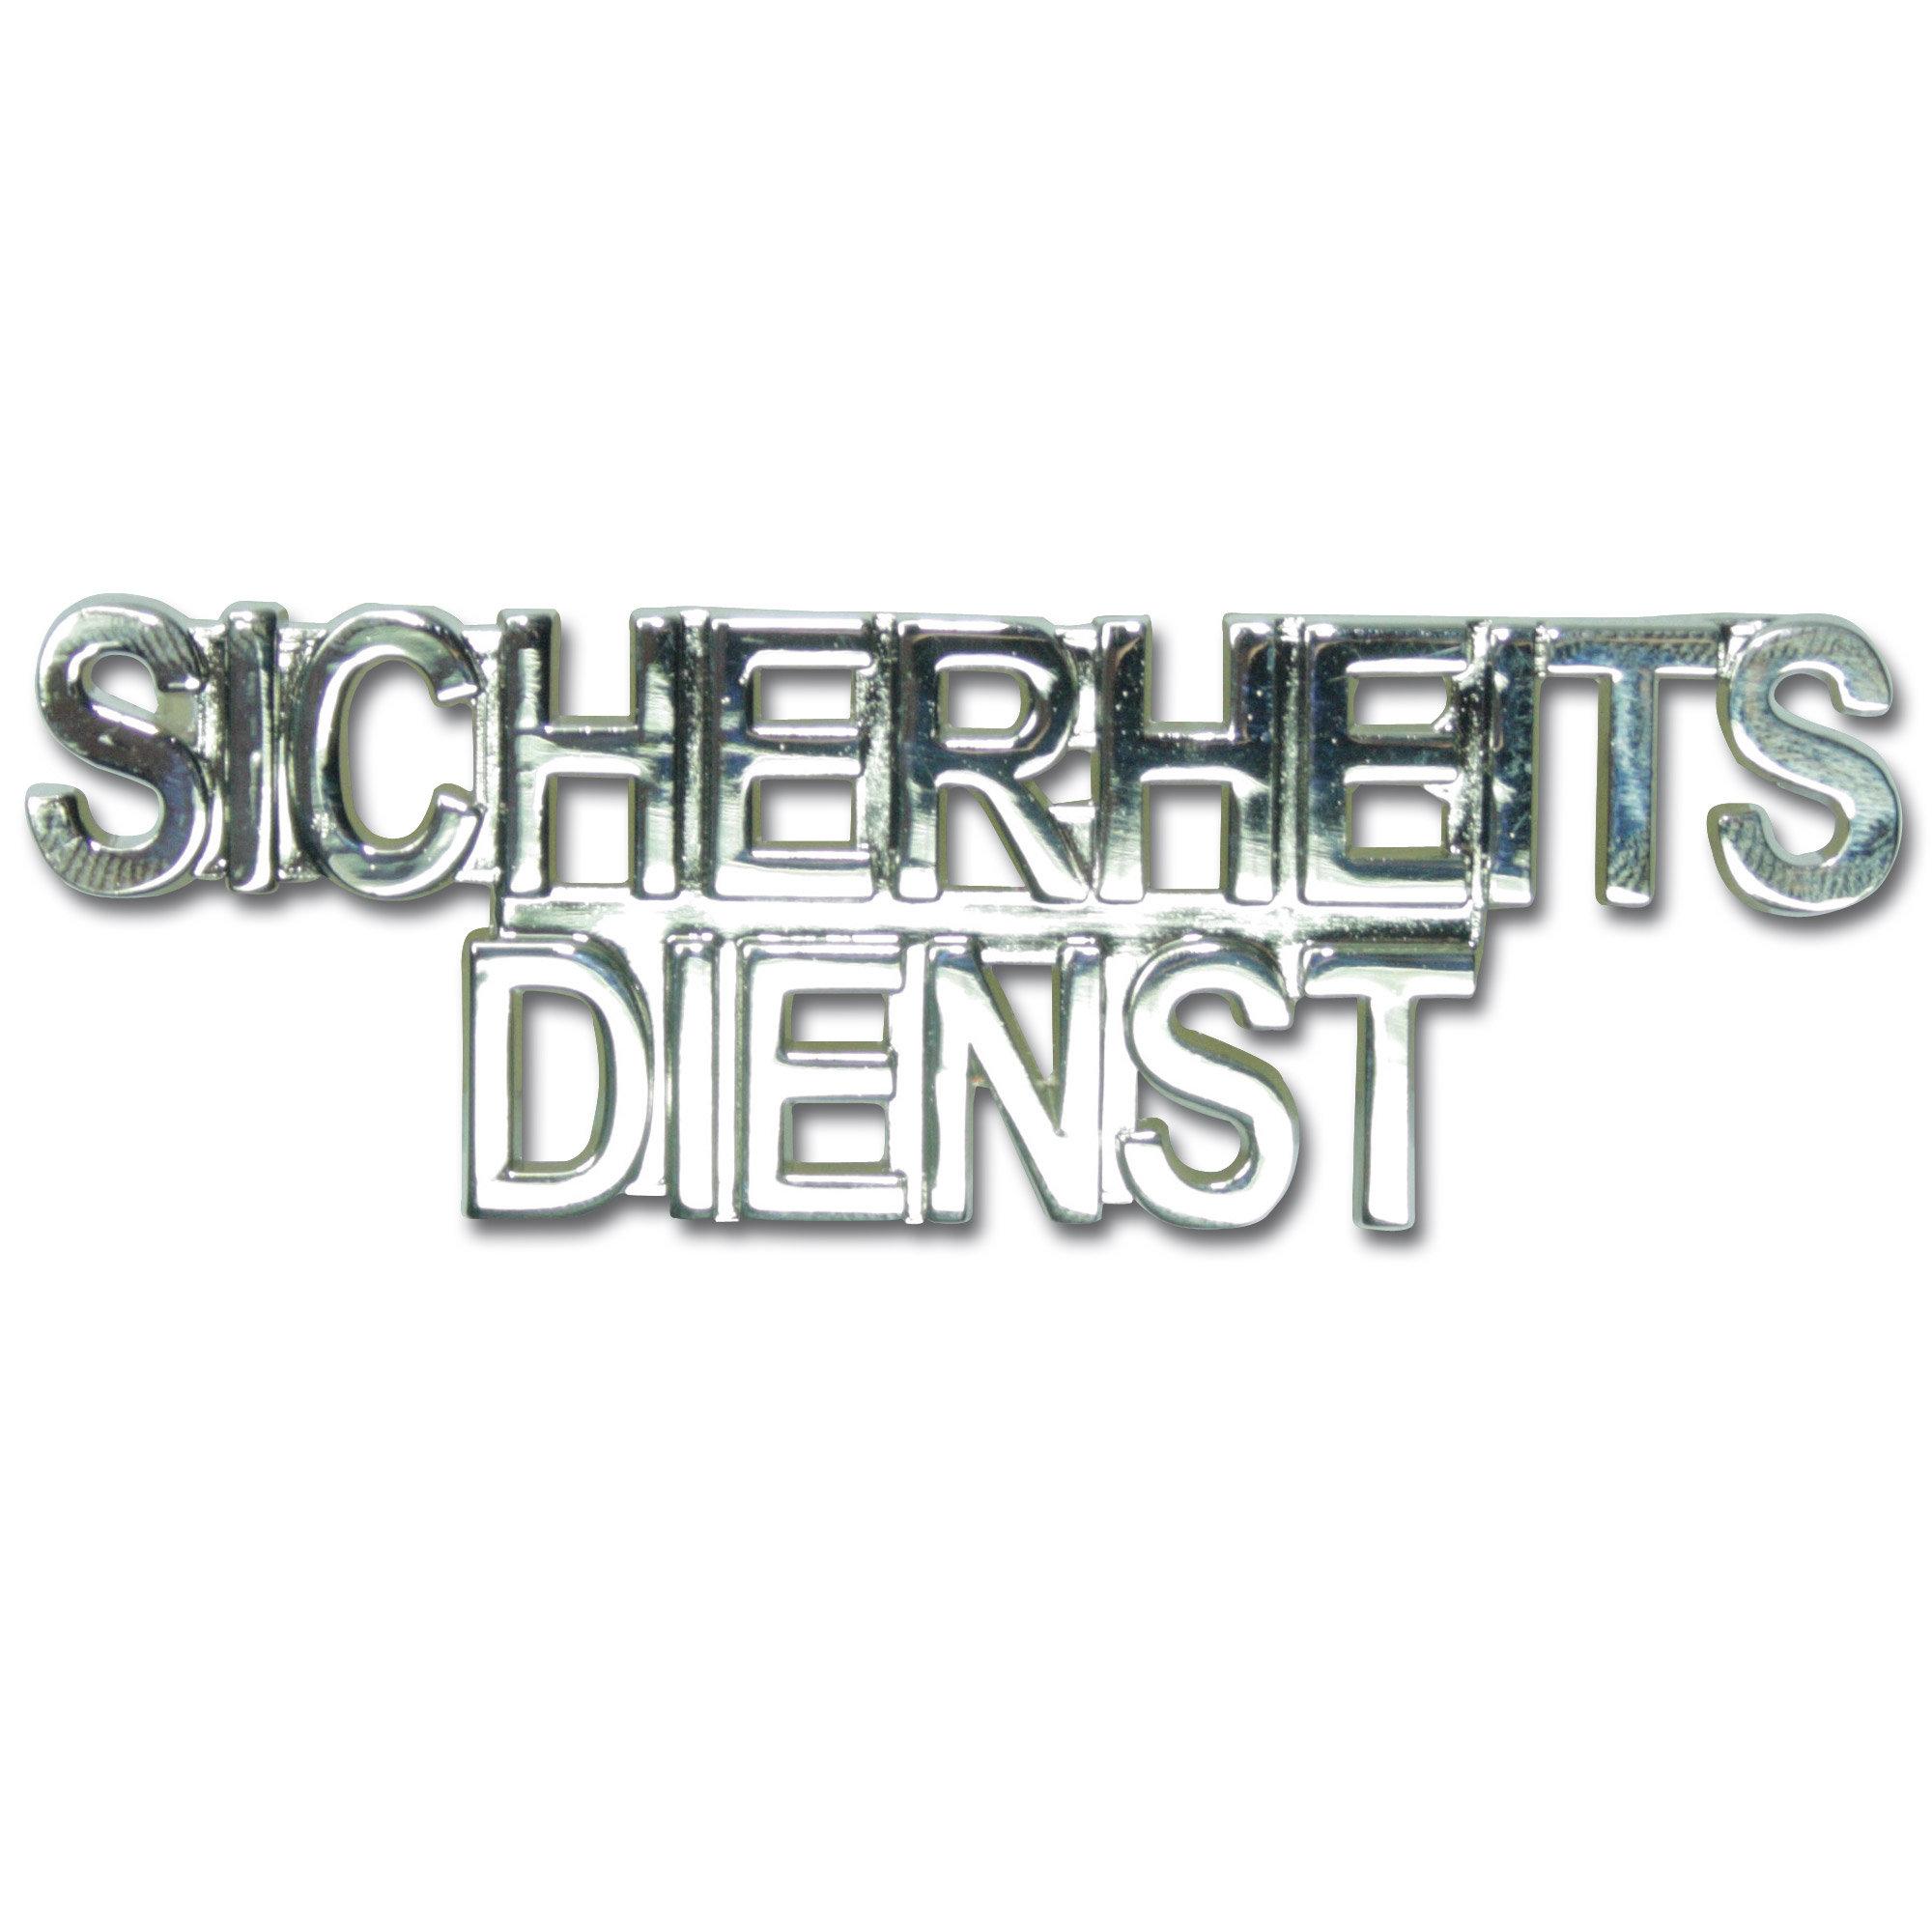 Kragenspiegel SICHERHEITSDIENST silber